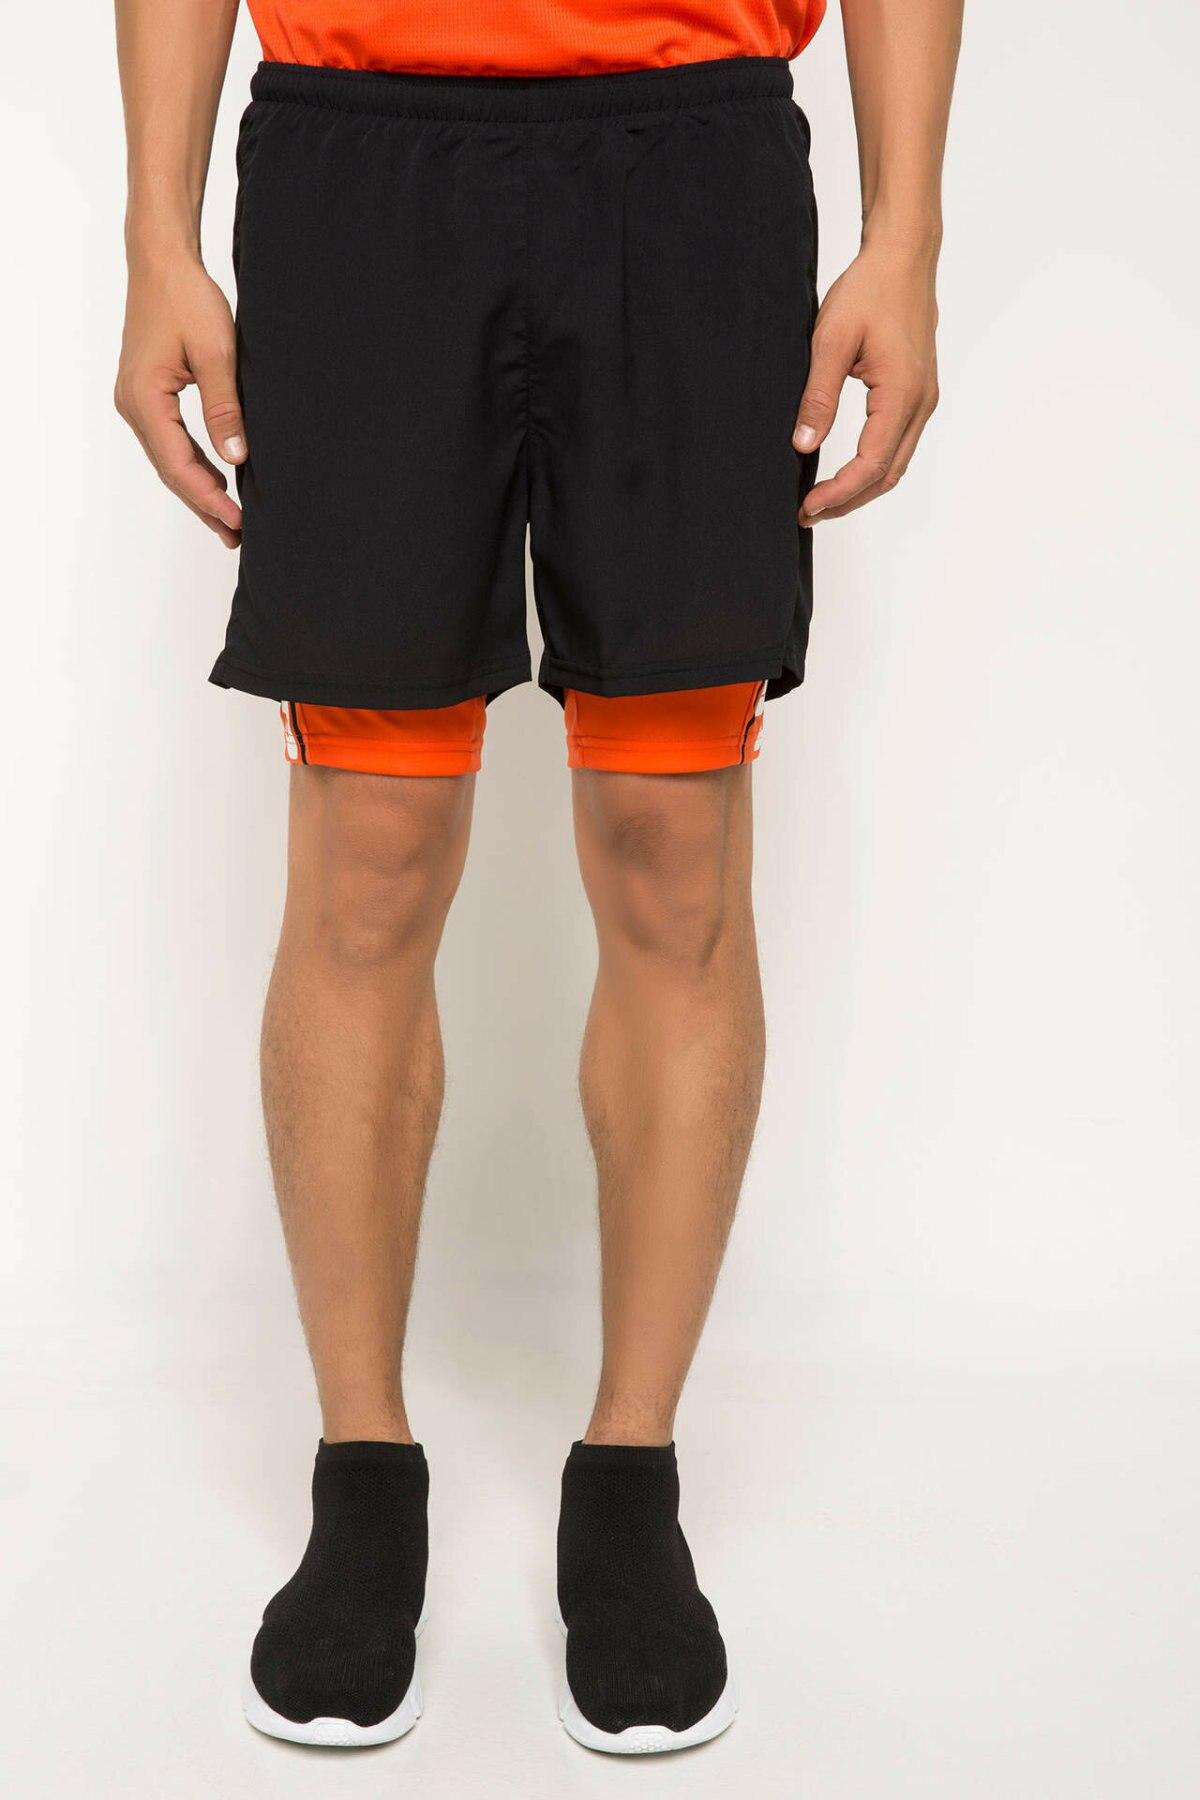 DeFacto Summer Man Cotton Bottoms Fashion Male Black Men's Casual Loose Sweatpants New - I3679AZ18SP